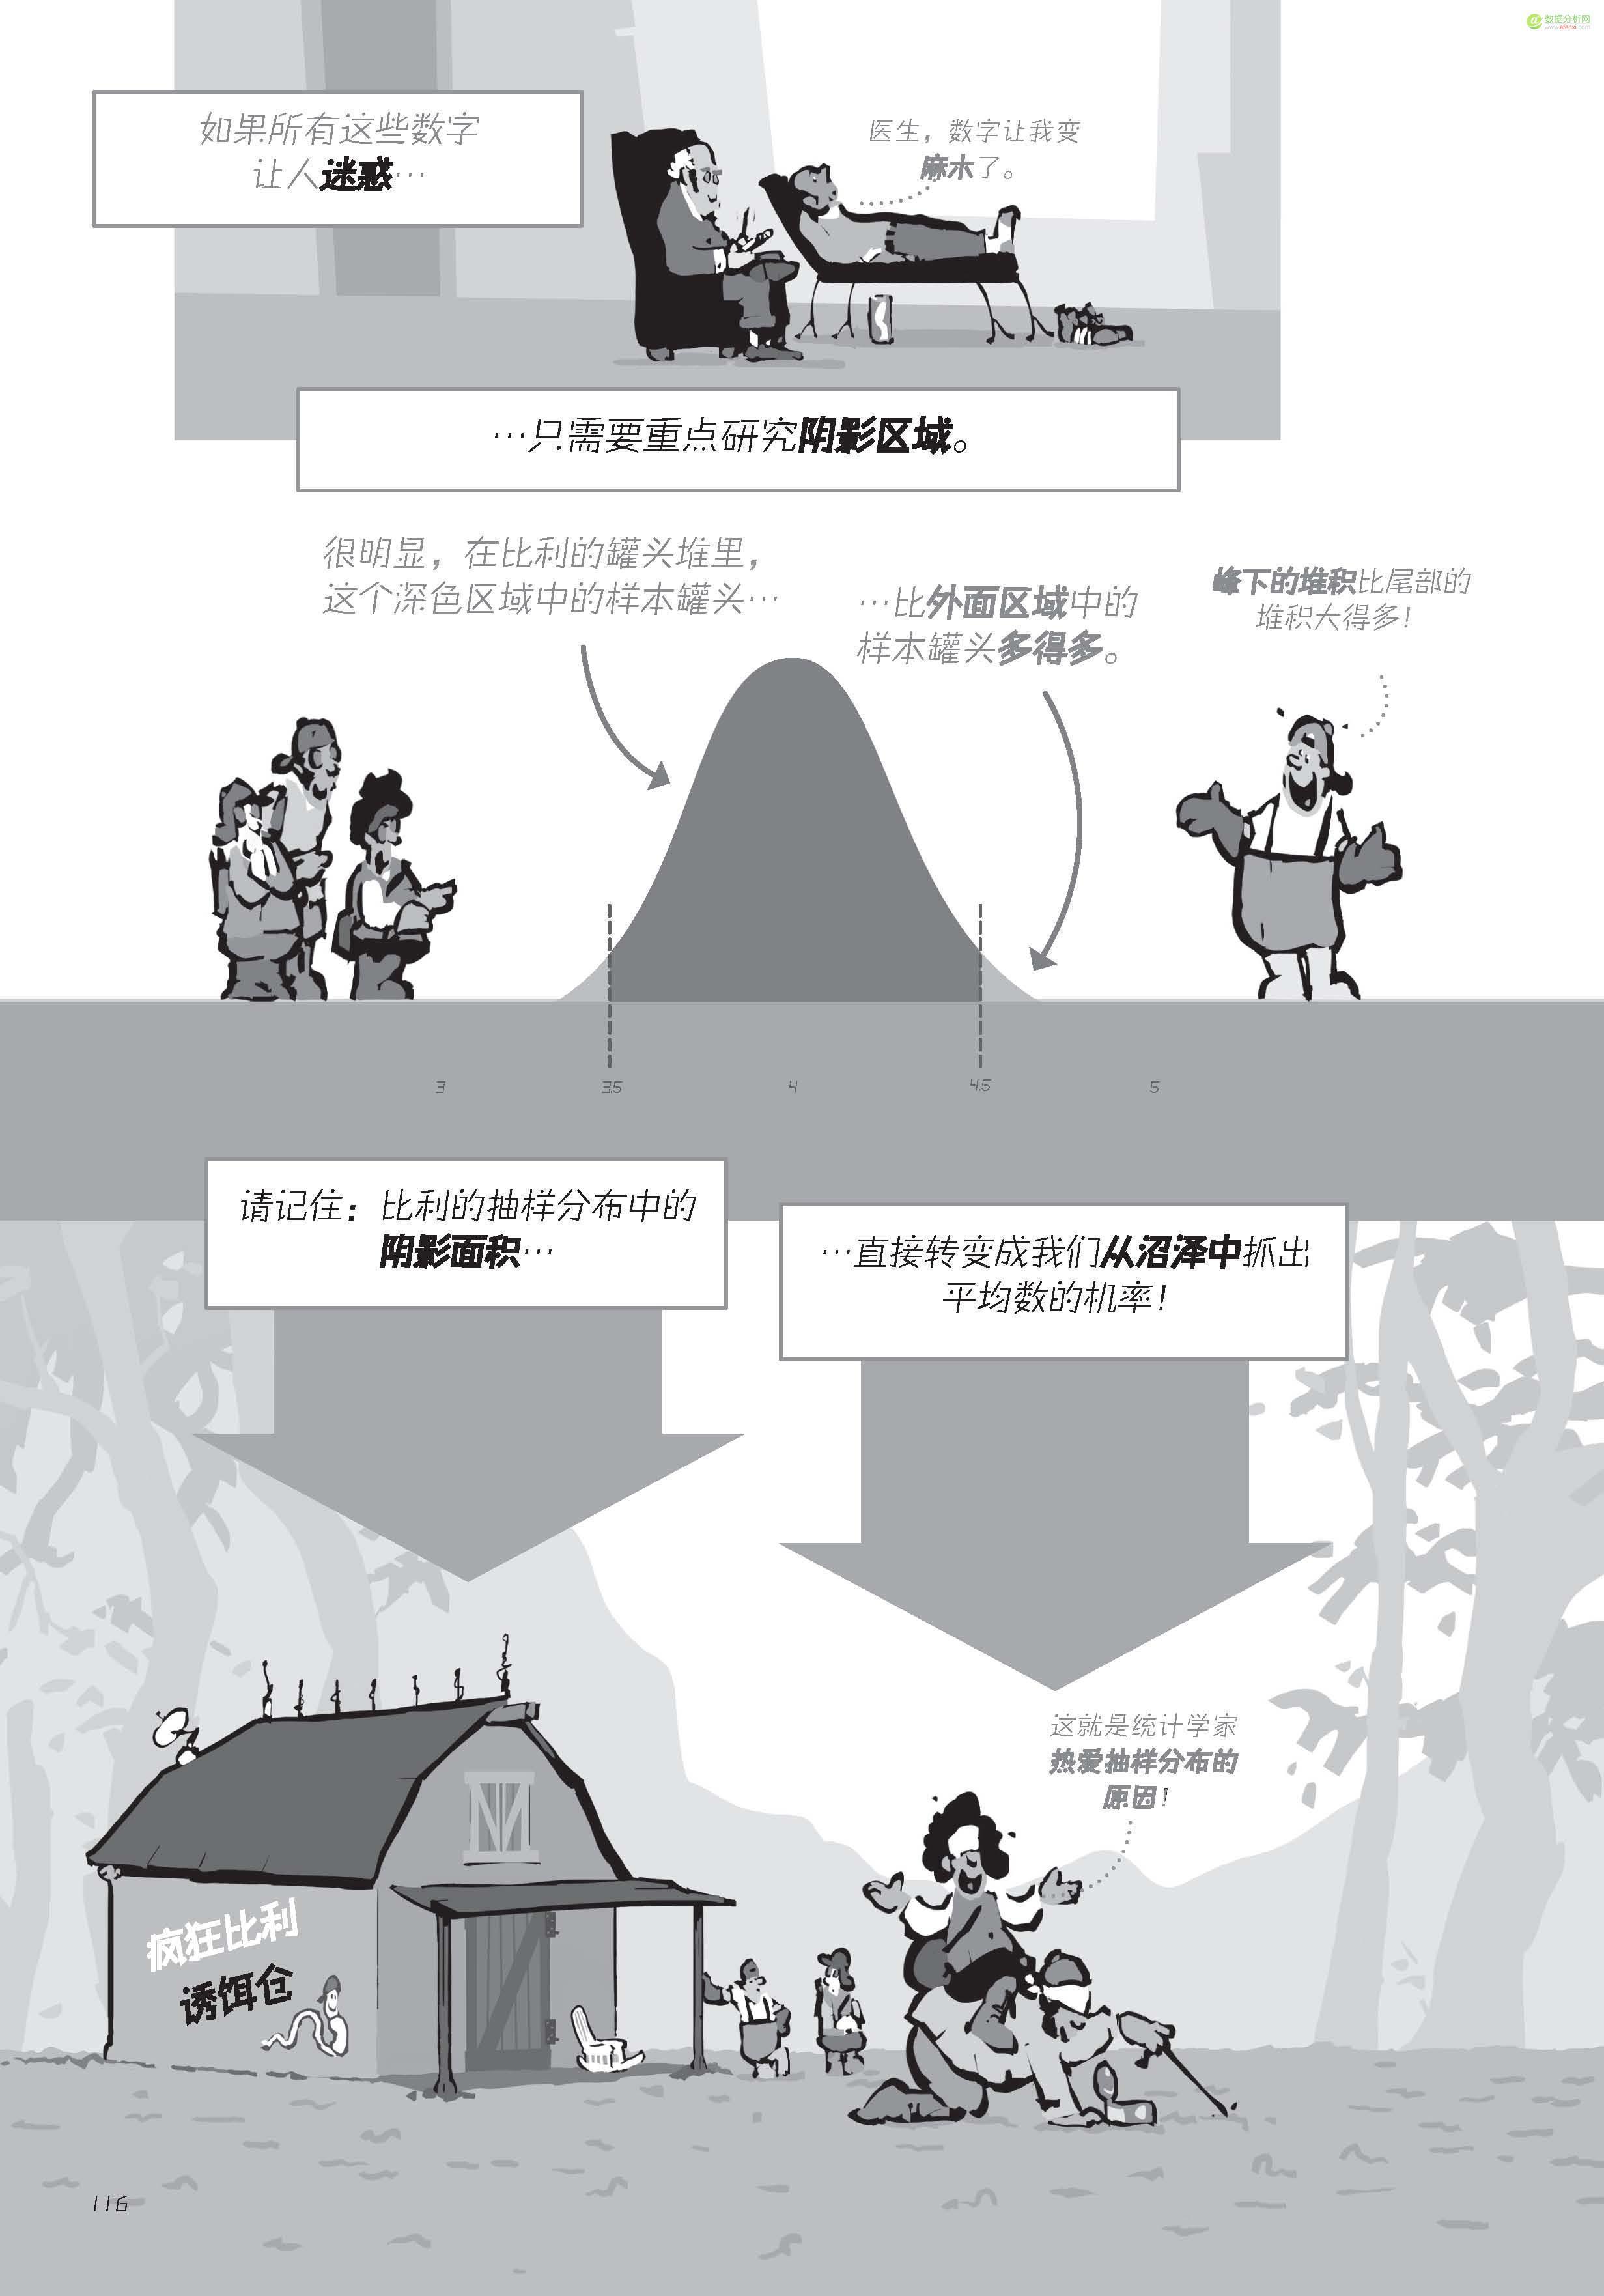 漫画:《深入浅出学统计》——概率-数据分析网